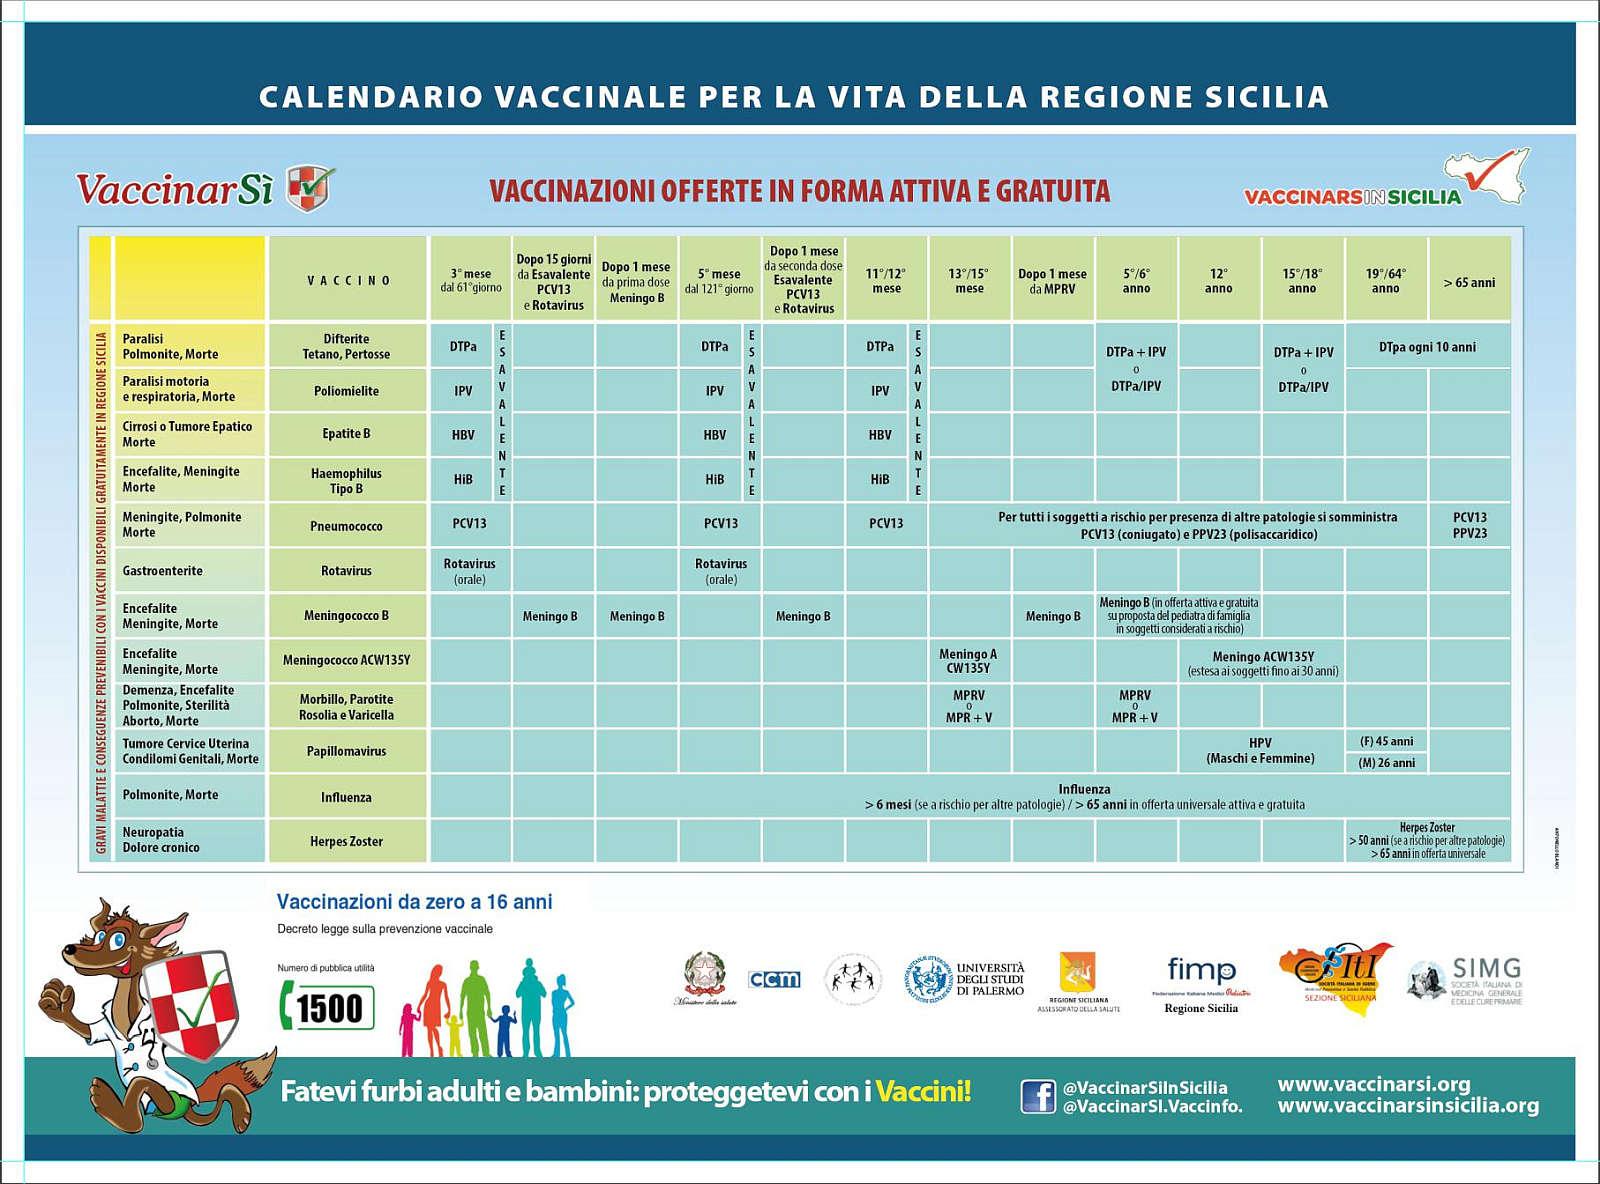 Calendario Vaccinale Per La Vita.Vaccinazioni In Sicilia Cosa Fare Tutte Le Risposte In Un